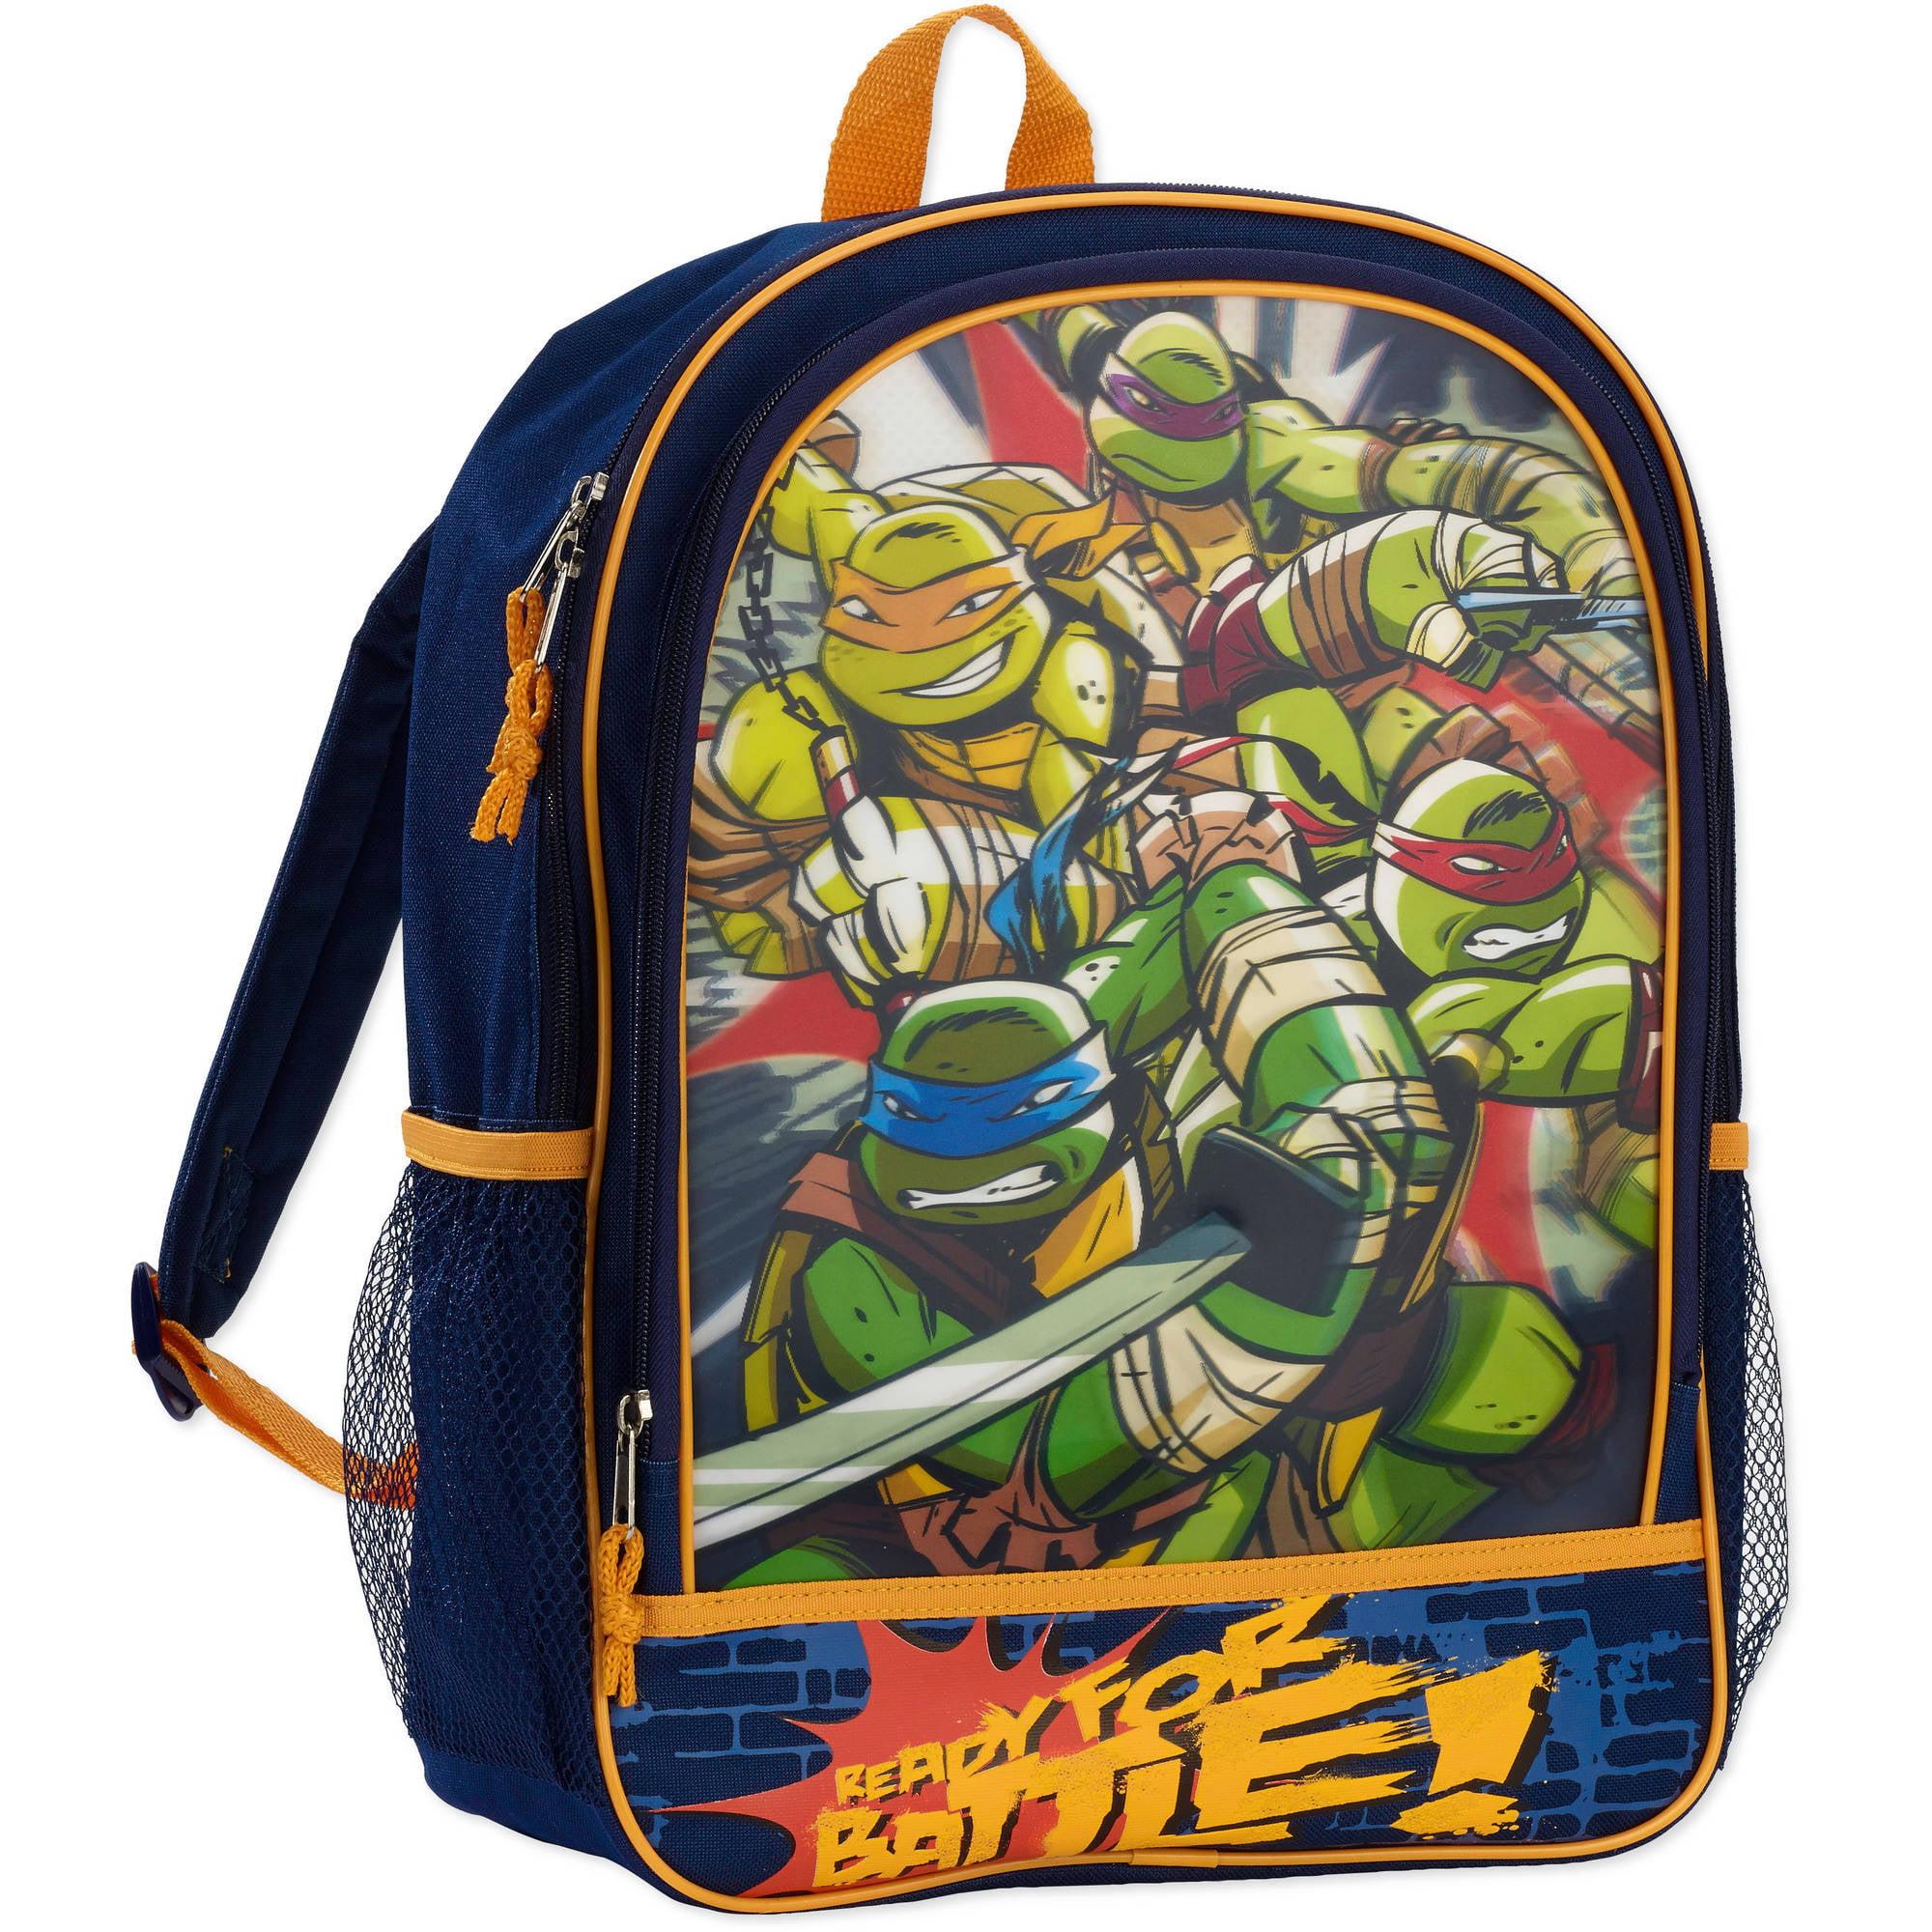 Nickelodeon Teenage Mutant Ninja Turtles 16'' 3D Front Pocket Kids Backpack